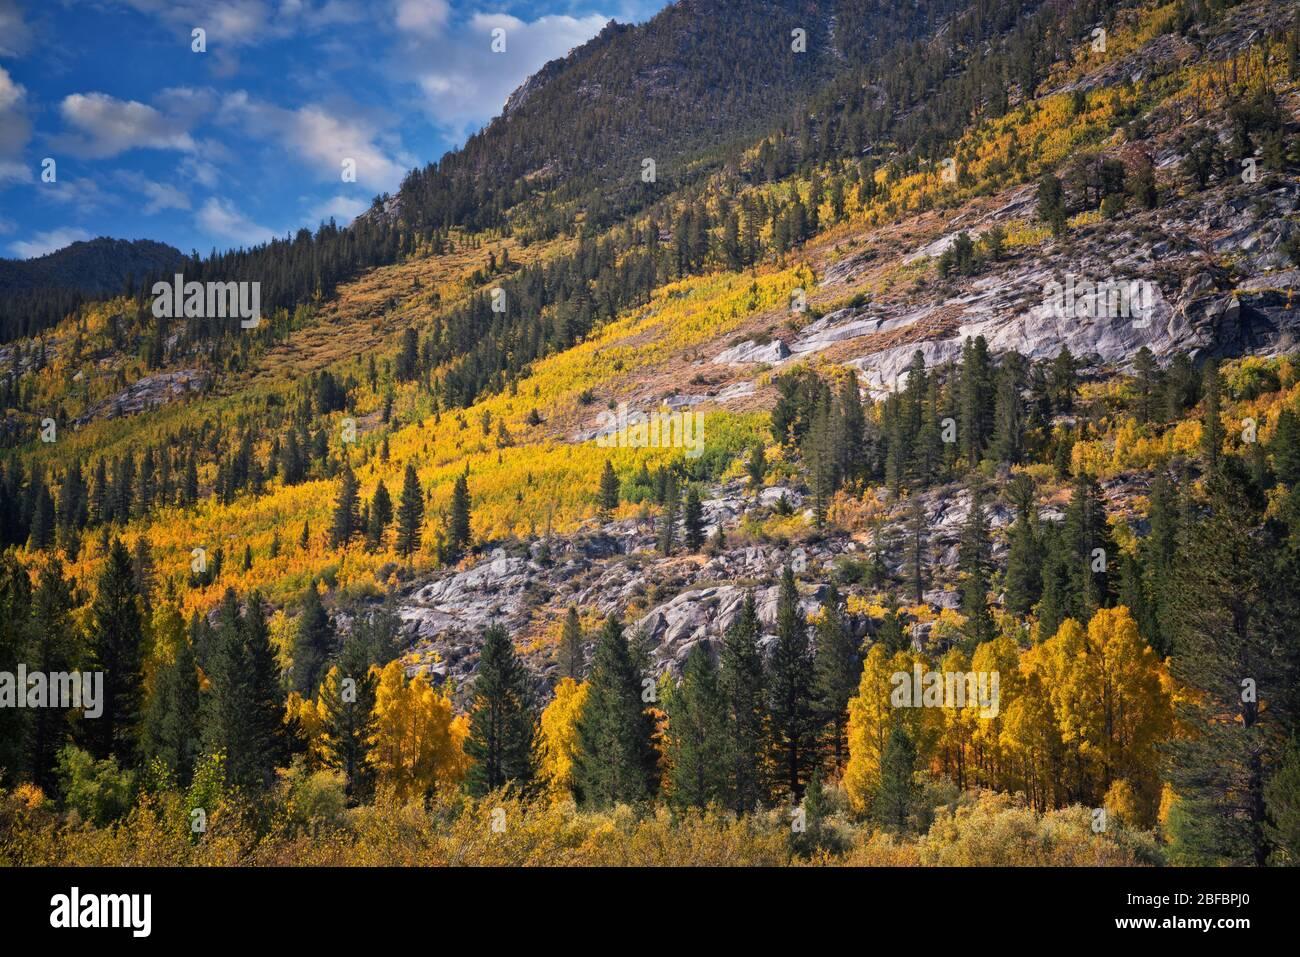 Arbres à trembles en automne sur les pentes de Bishop Creek Canyon dans la Sierras orientale de Californie et la forêt nationale d'Inyo. Banque D'Images